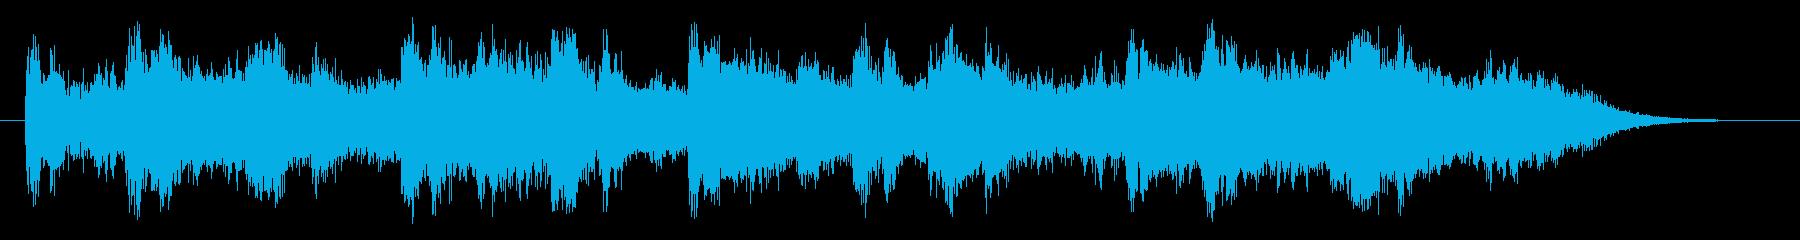 嵐の海(ロングバージョン)の再生済みの波形